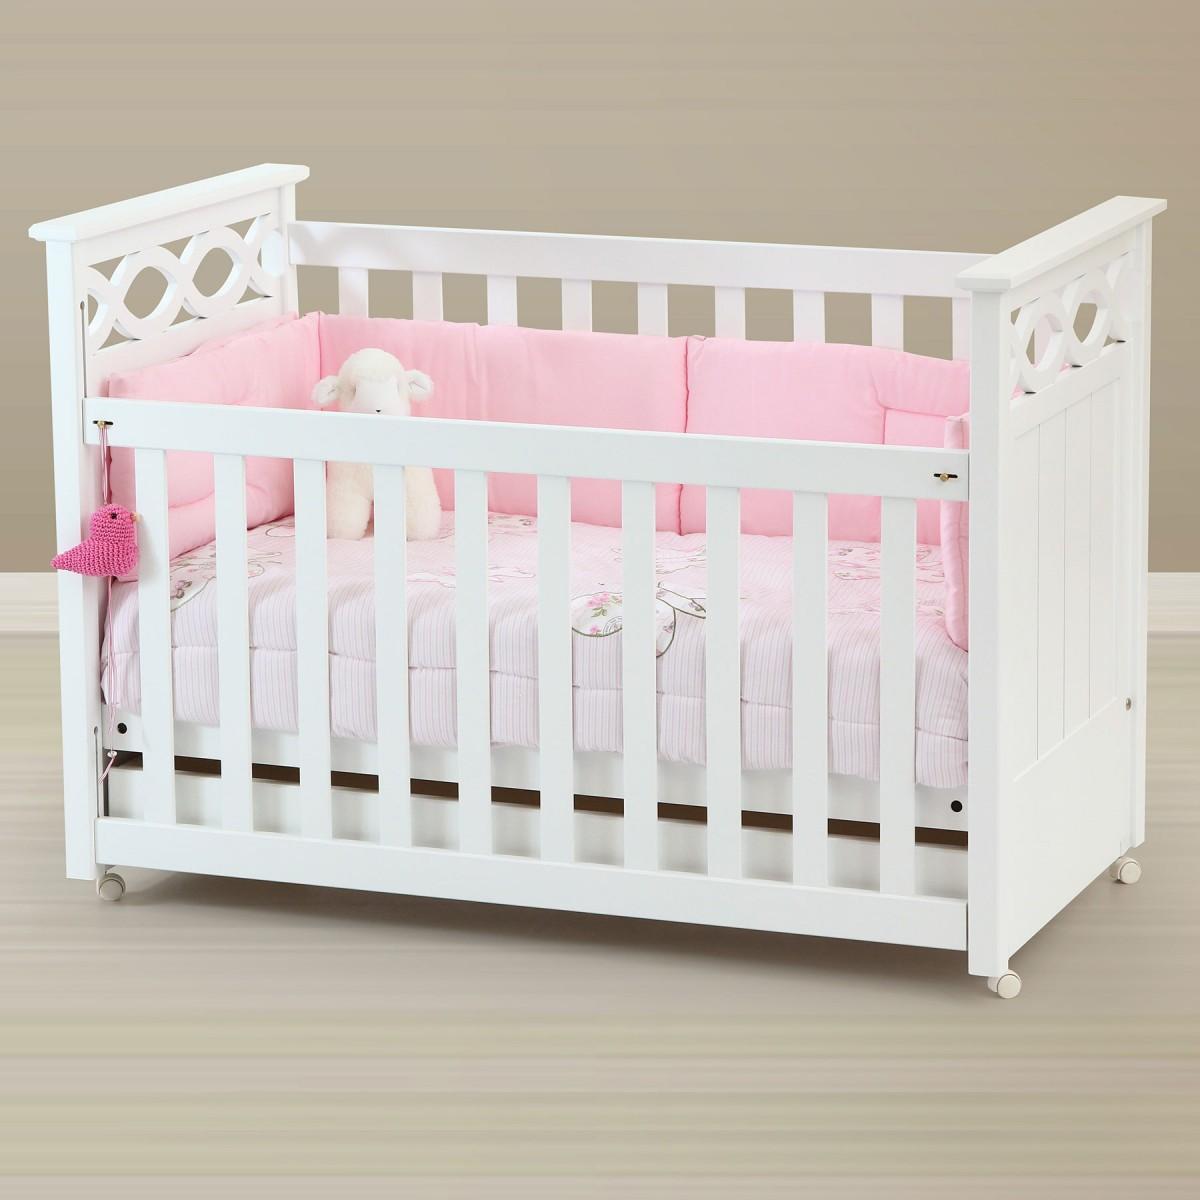 Distintos tipos de cunas las cunas camas - Colchon para cambiador de bebe ...